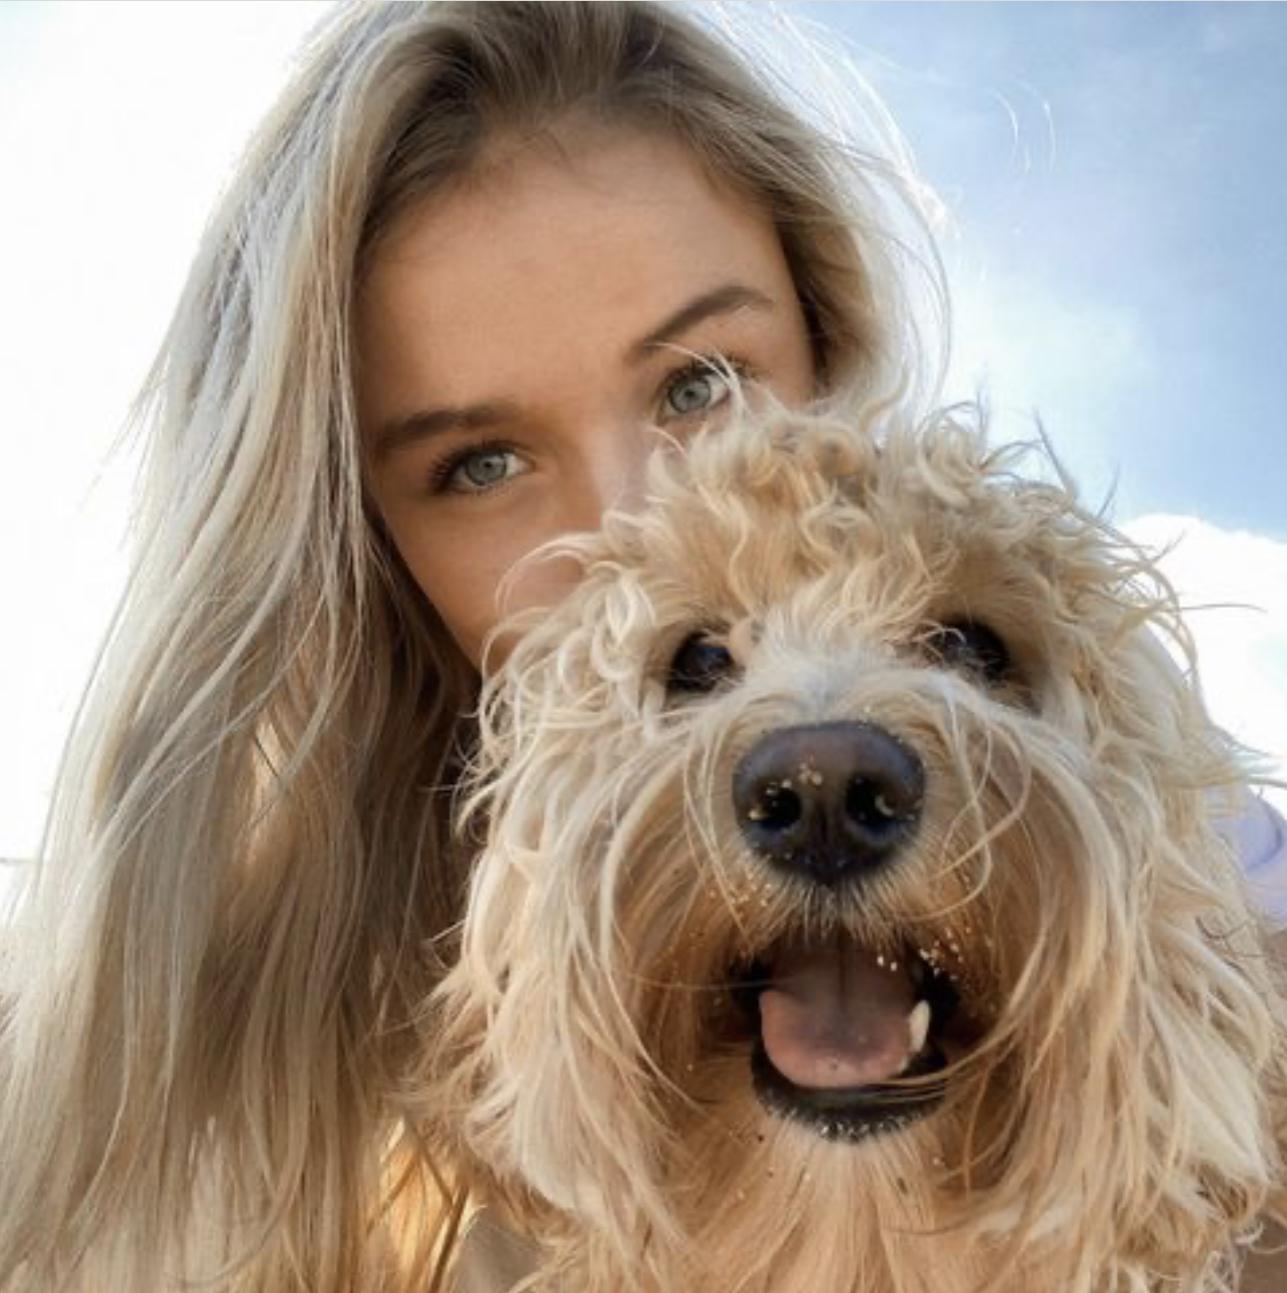 ВМеждународный день собак. Месси, Зинченко, Кавани, Хавертц и другие сдомашними любимцами